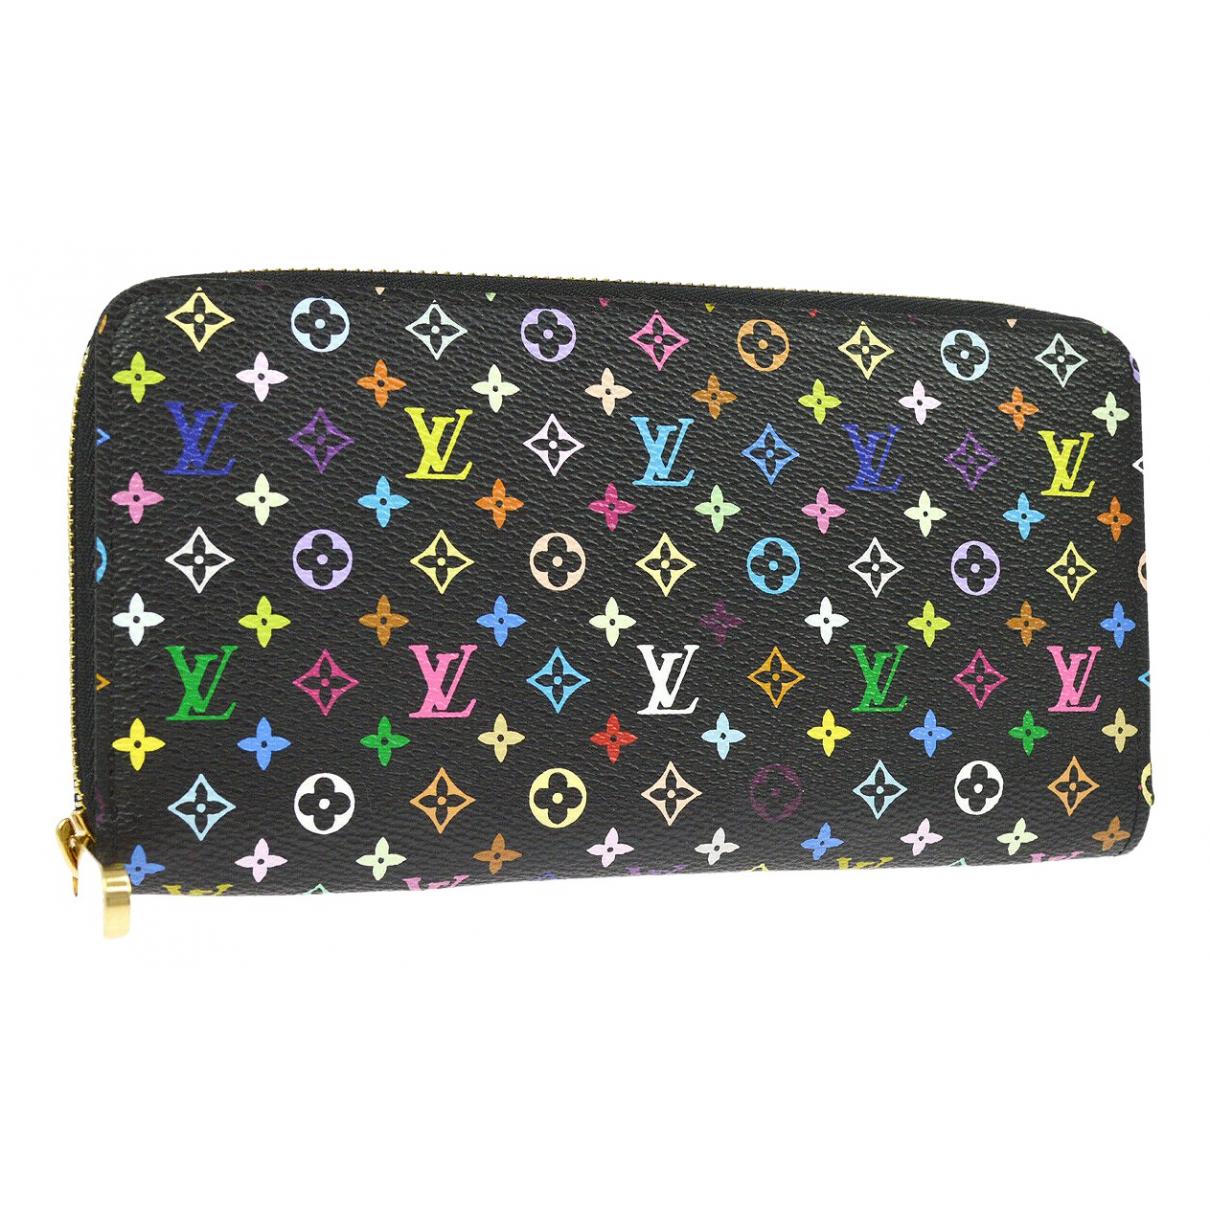 Louis Vuitton - Portefeuille Zippy pour femme en toile - multicolore